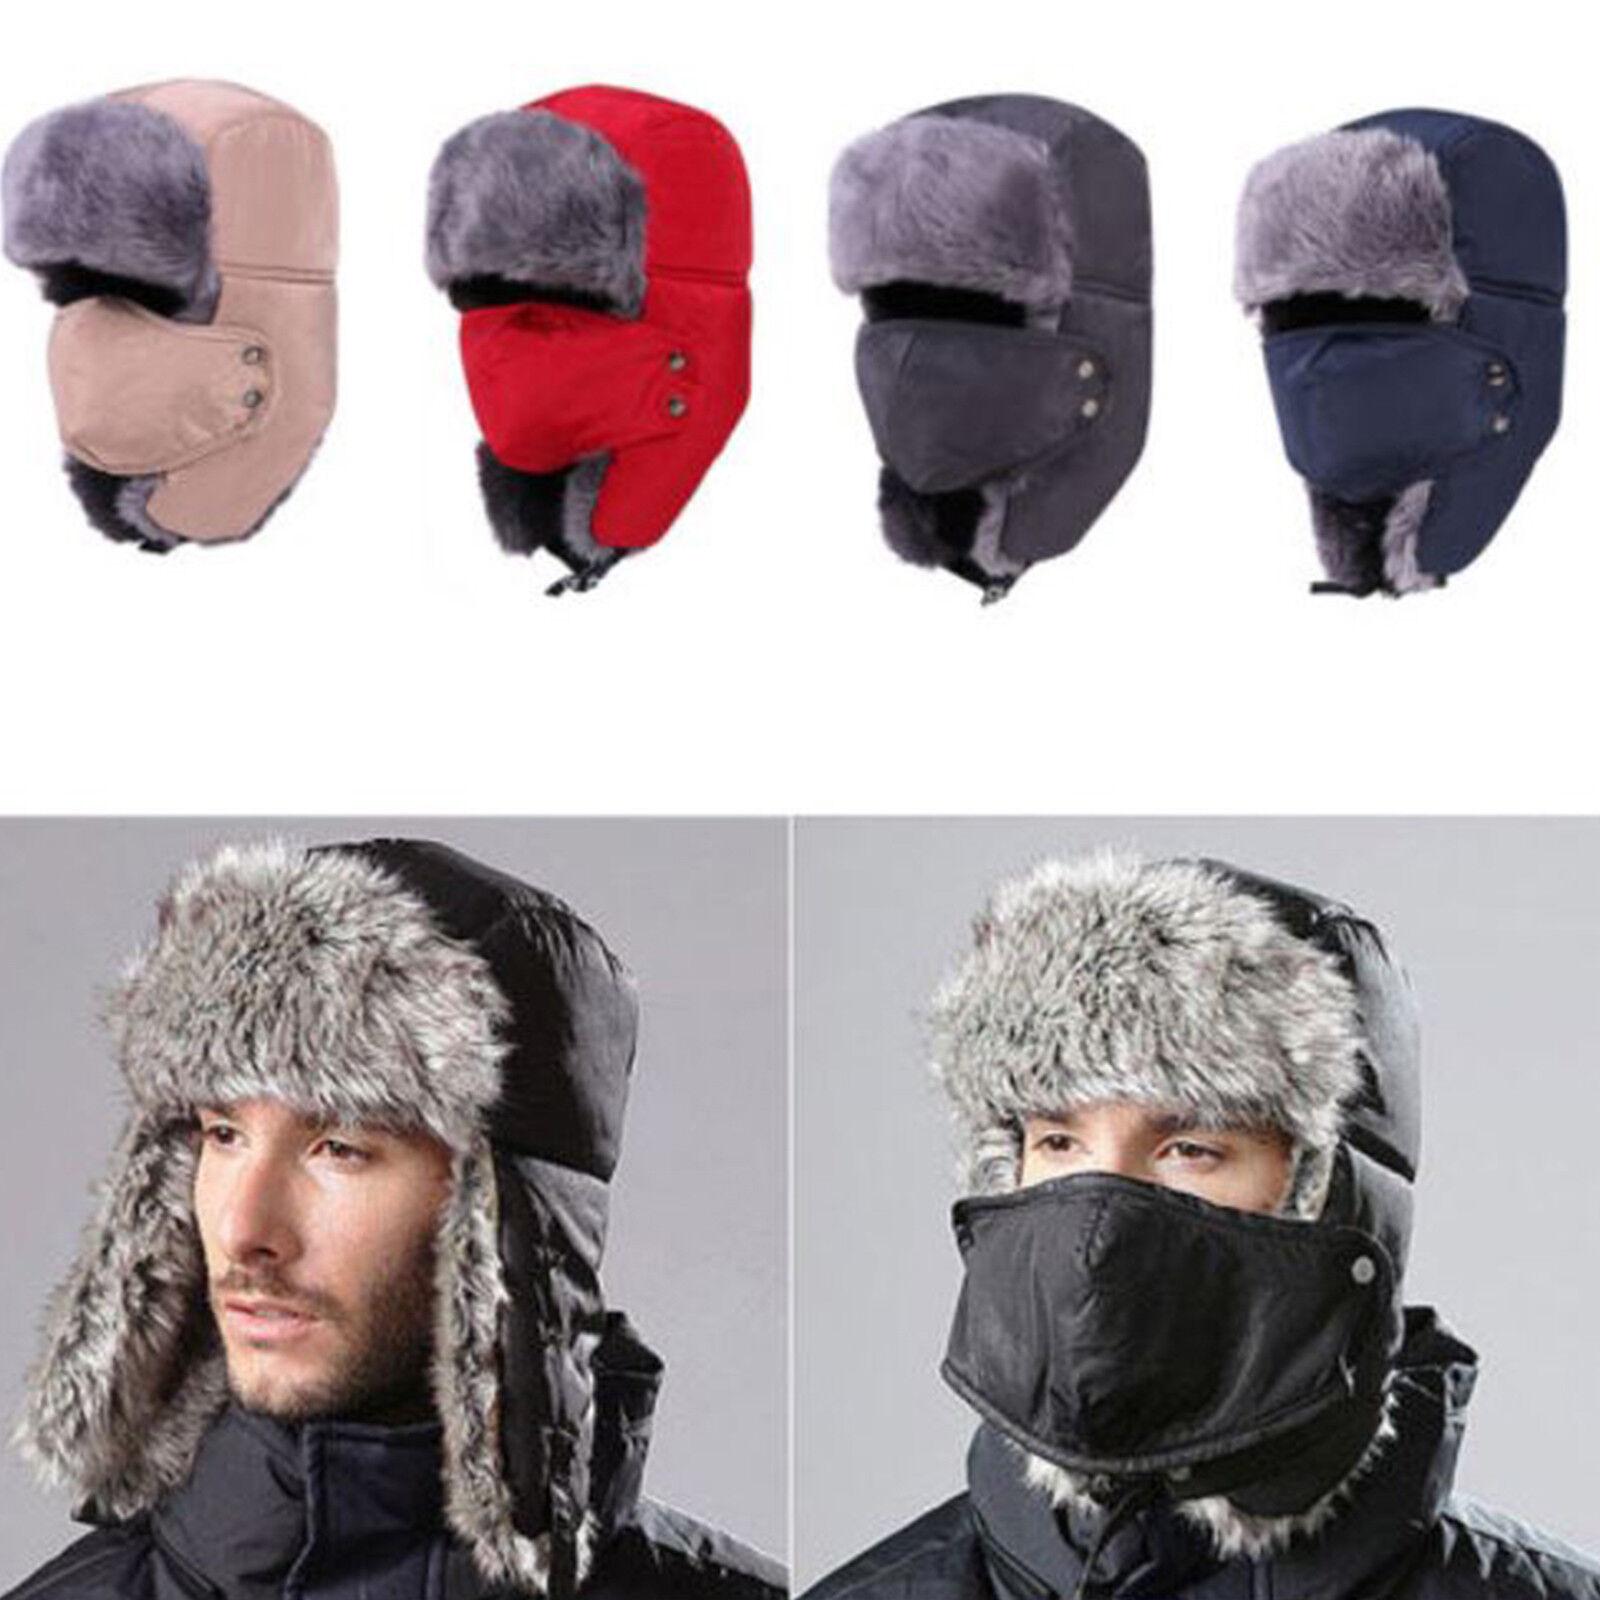 Herren Flieger Polizeimütze Wintermütze Trapper Skimütze Winddicht Warm Hüte ✅